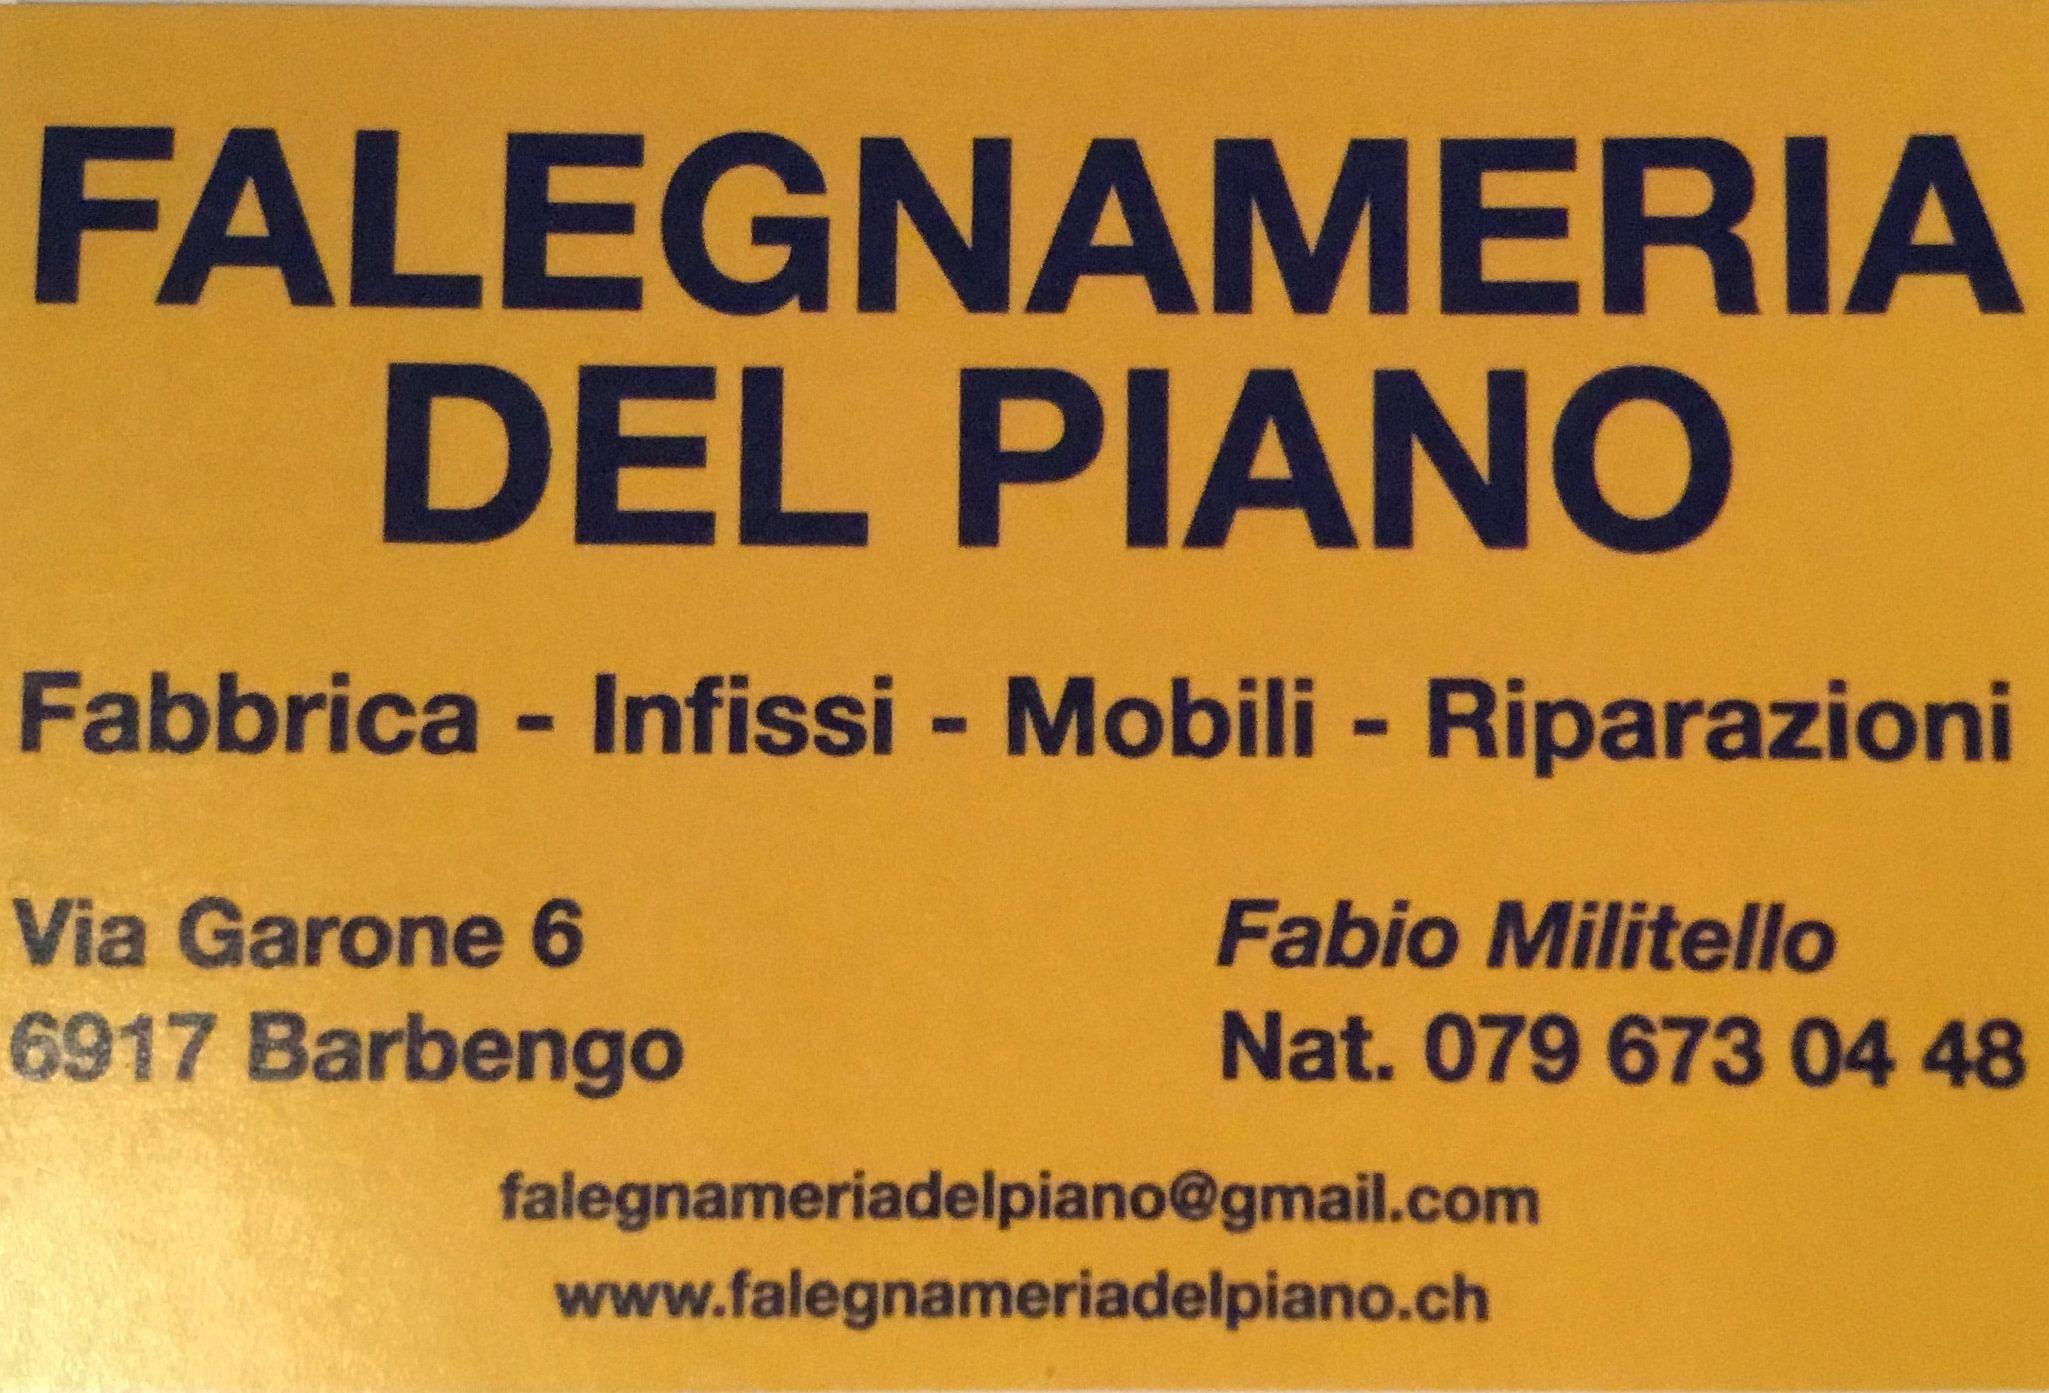 Falegnameria del Piano